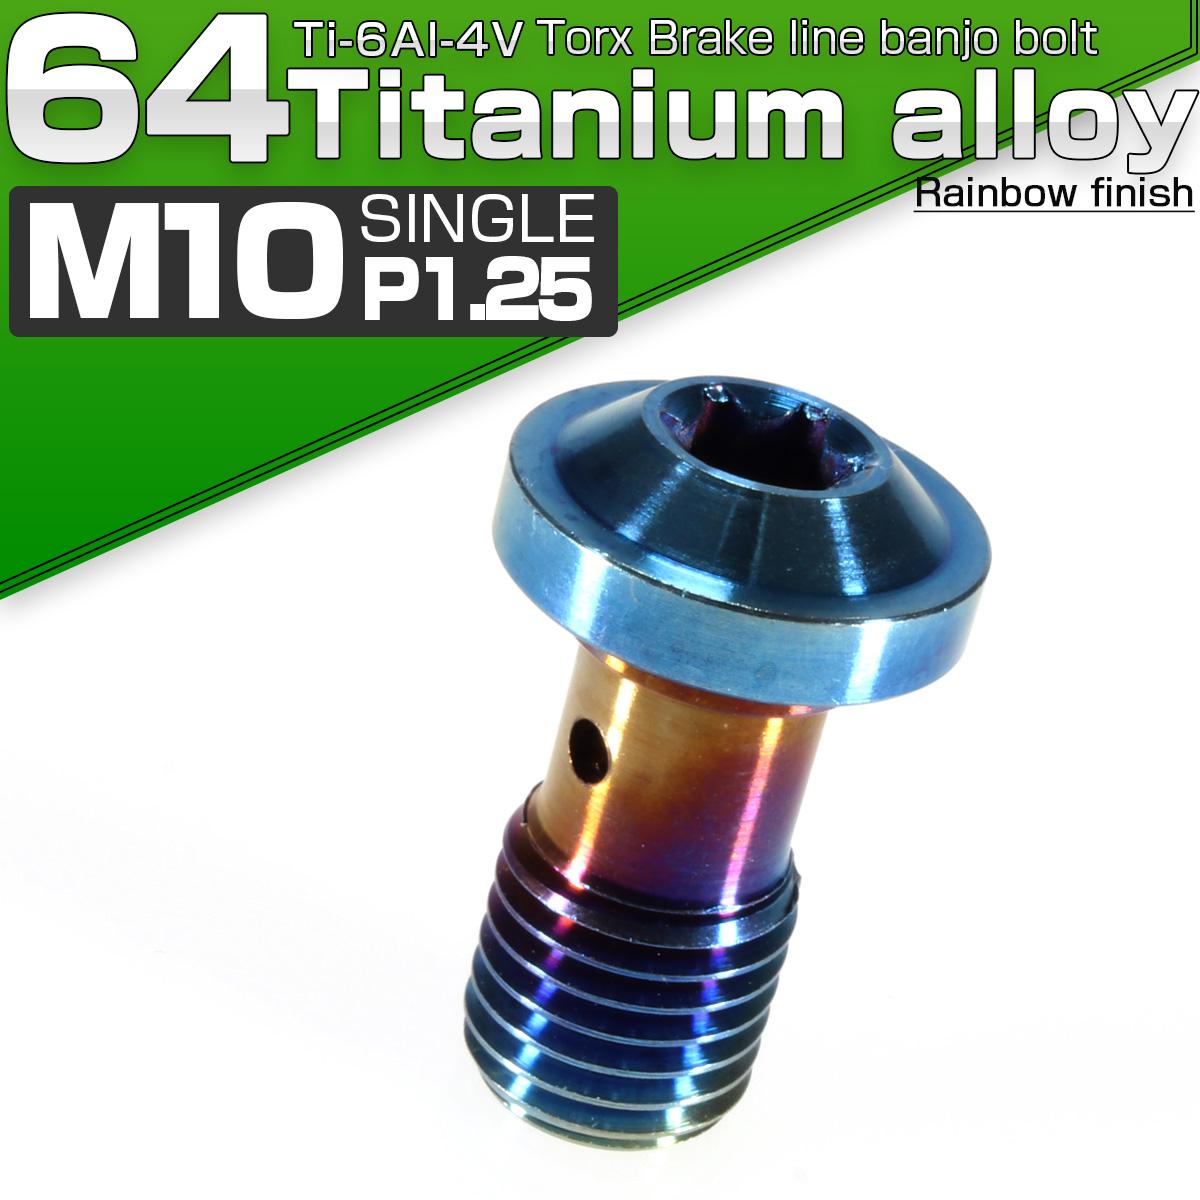 64チタン製 M10 P=1.25 トルクスヘッド ブレーキライン バンジョーボルト 焼きチタン色 チタンボルト JA268